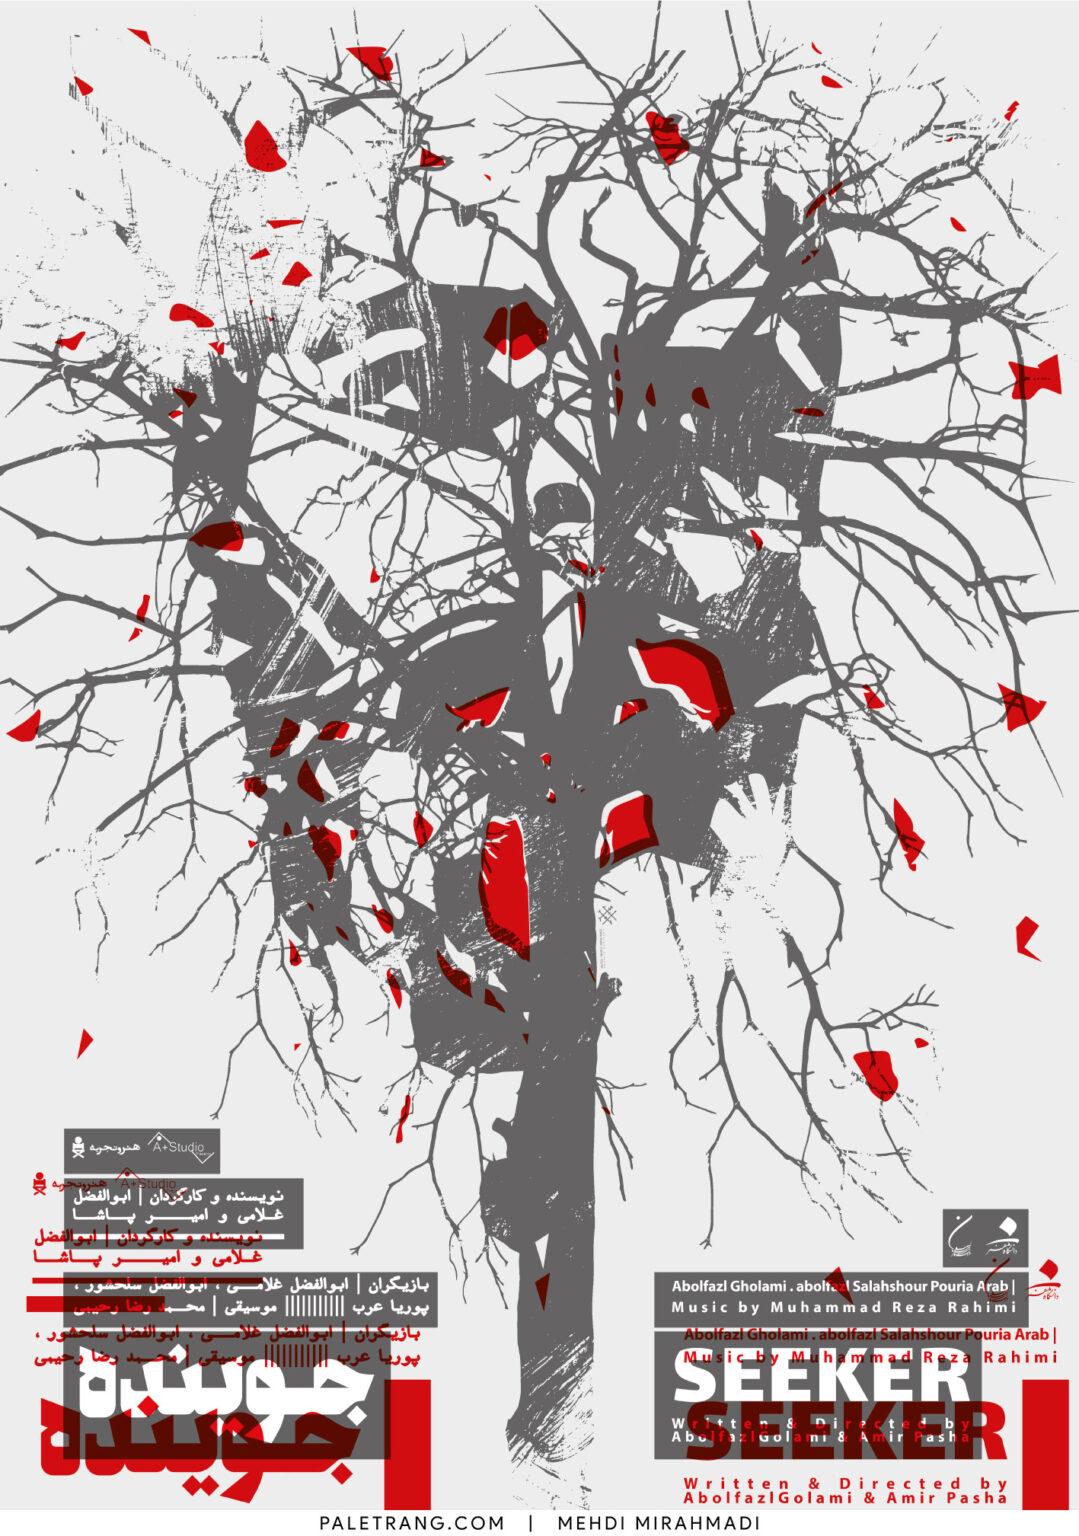 پوستر فیلم کوتاه جوینده اثر سید مهدی میراحمدی